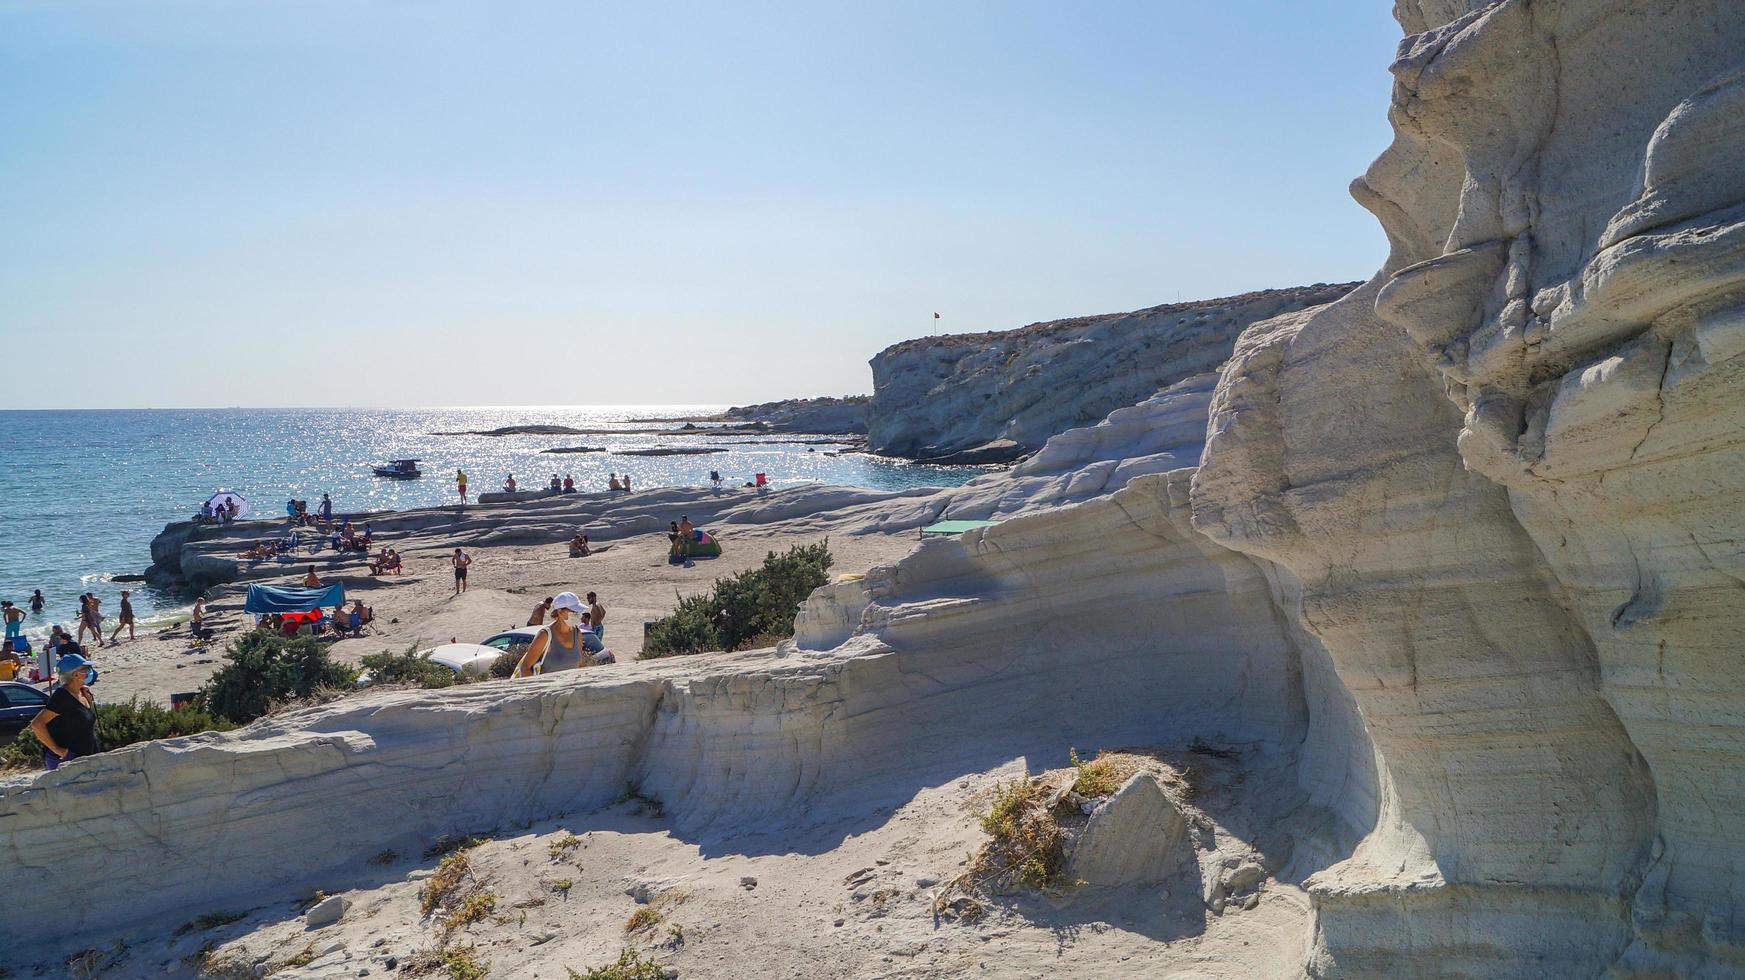 calcaires de la plage de delikli koy photo